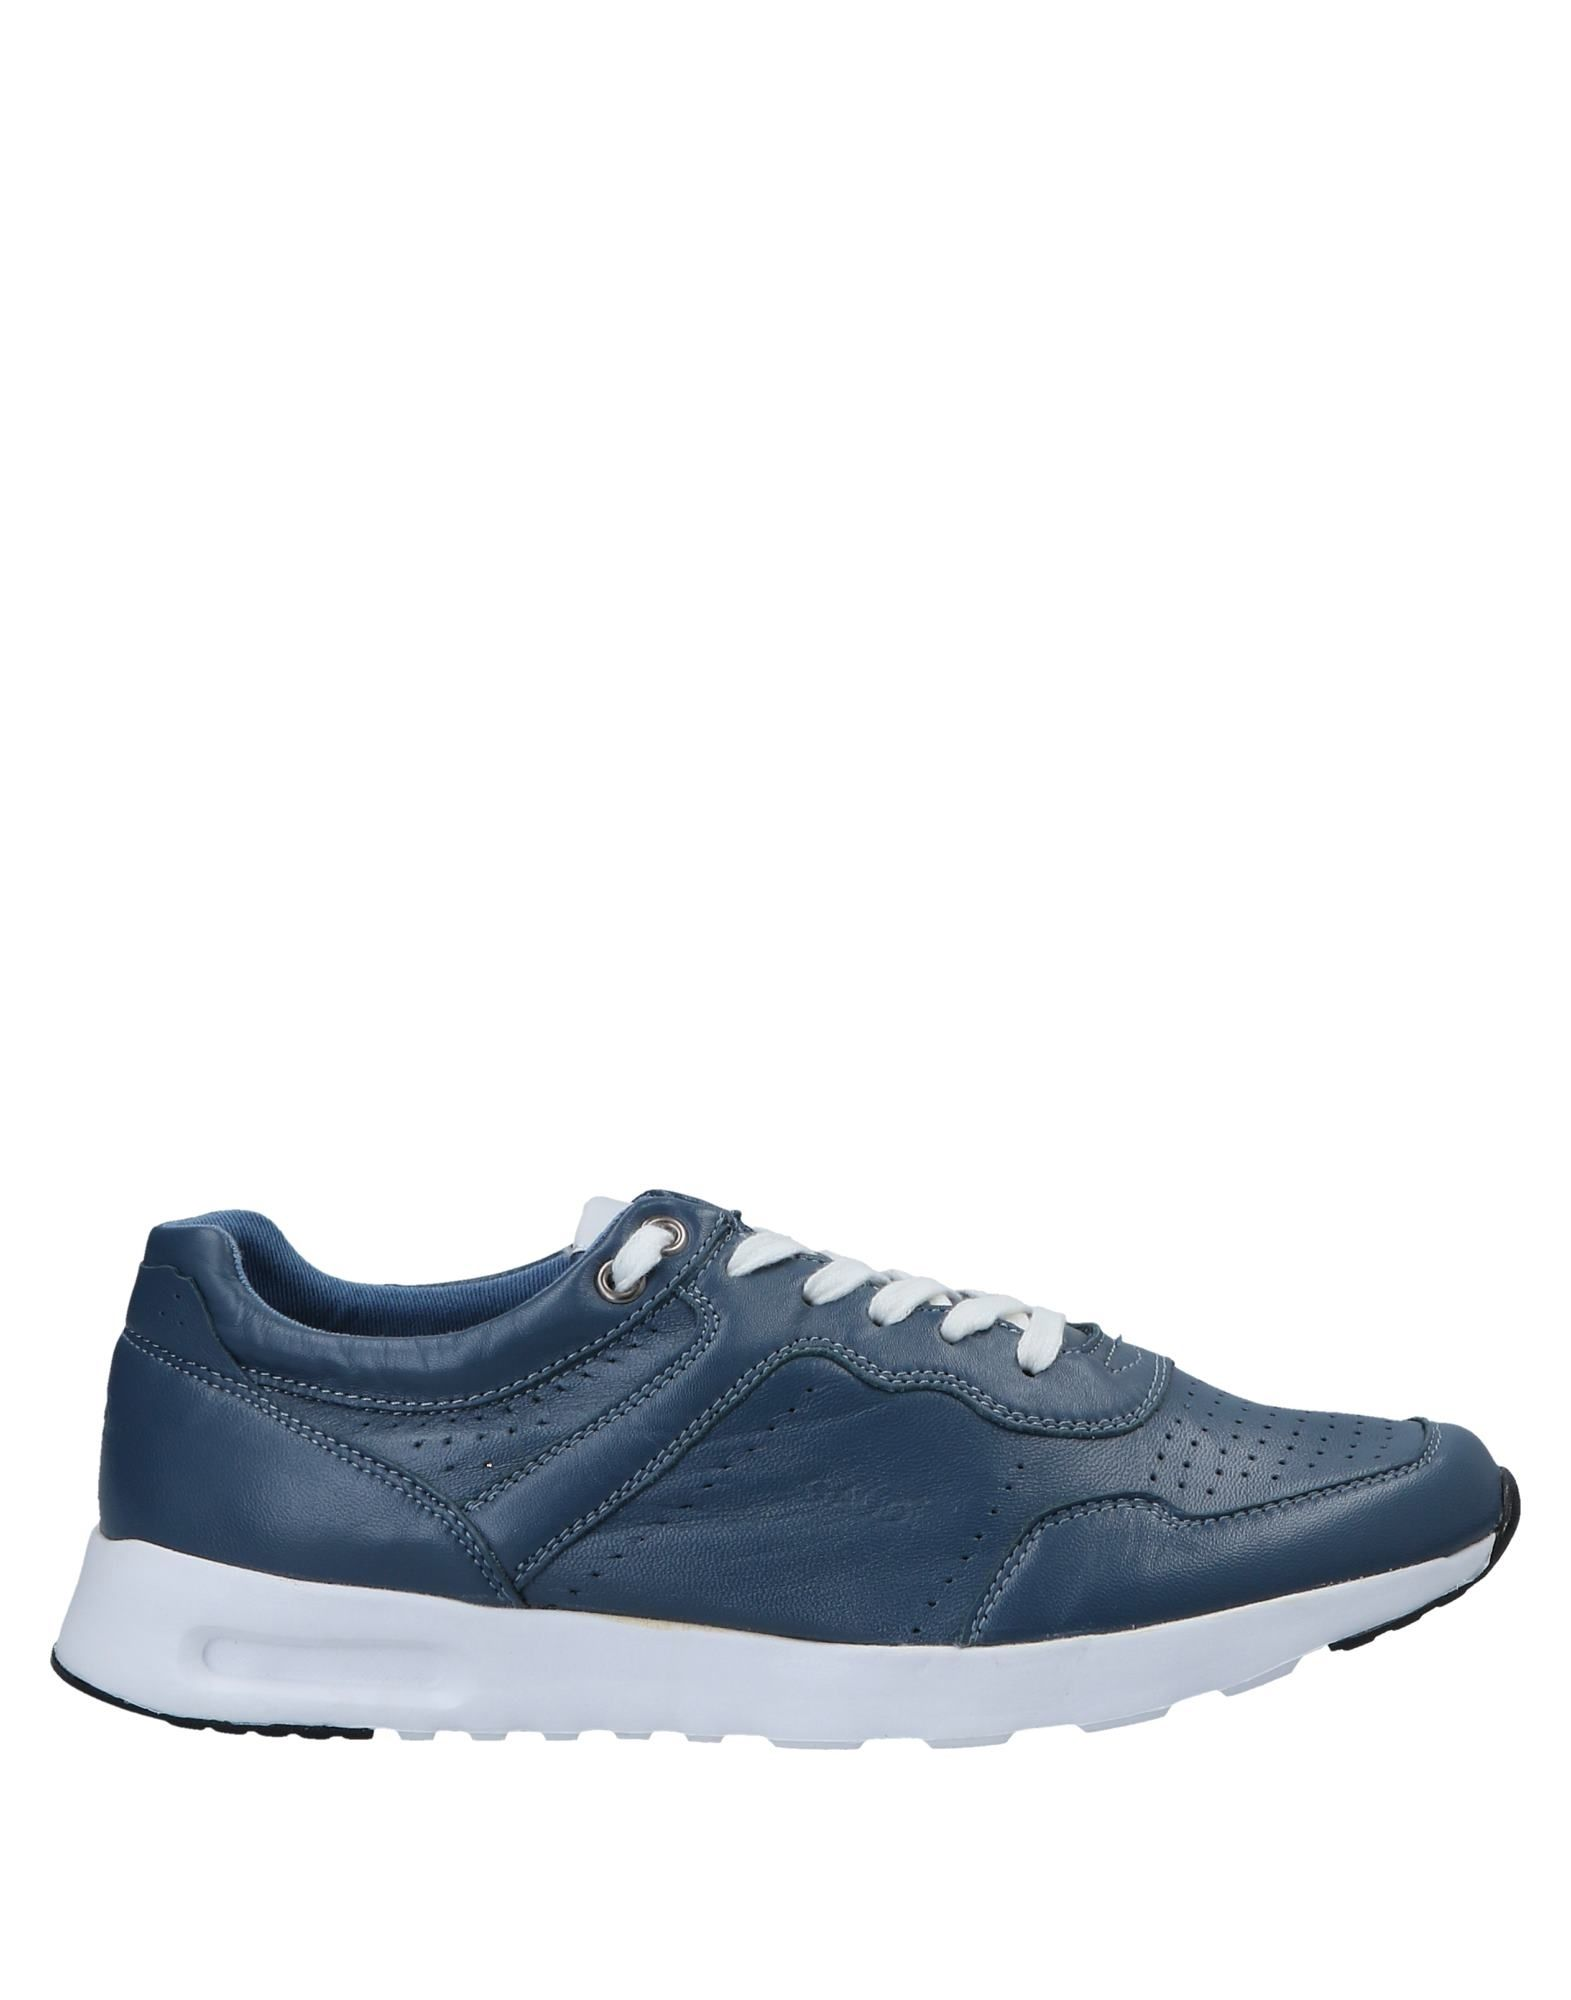 Sneakers Gaudì Homme - Sneakers Gaudì  Bleu électrique Nouvelles chaussures pour hommes et femmes, remise limitée dans le temps